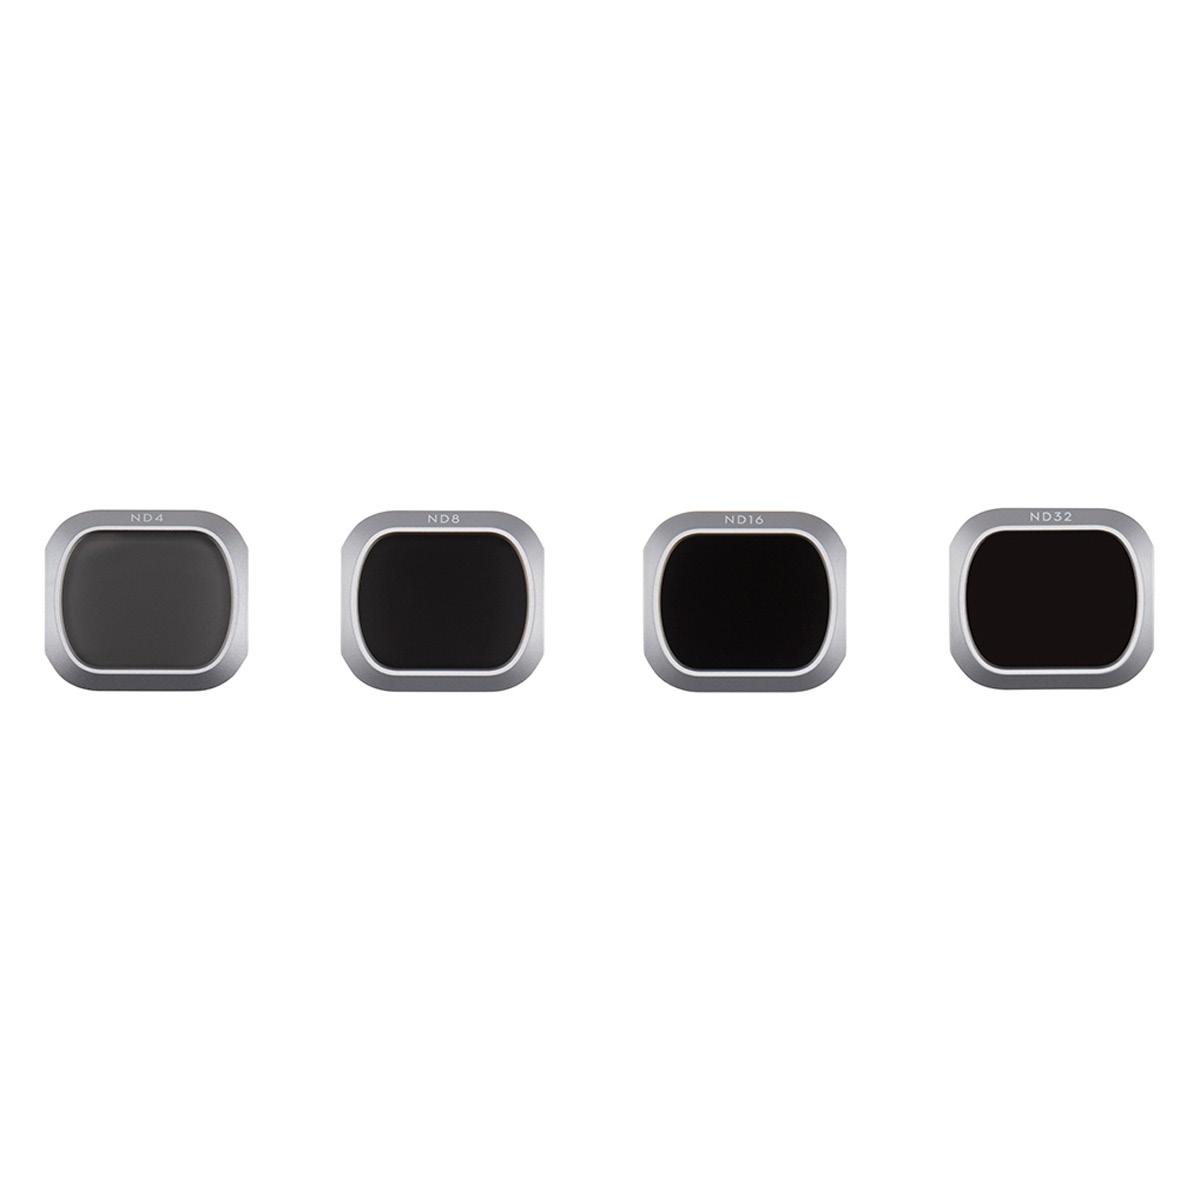 DJI Mavic Pro 2 ND Filter Set P17